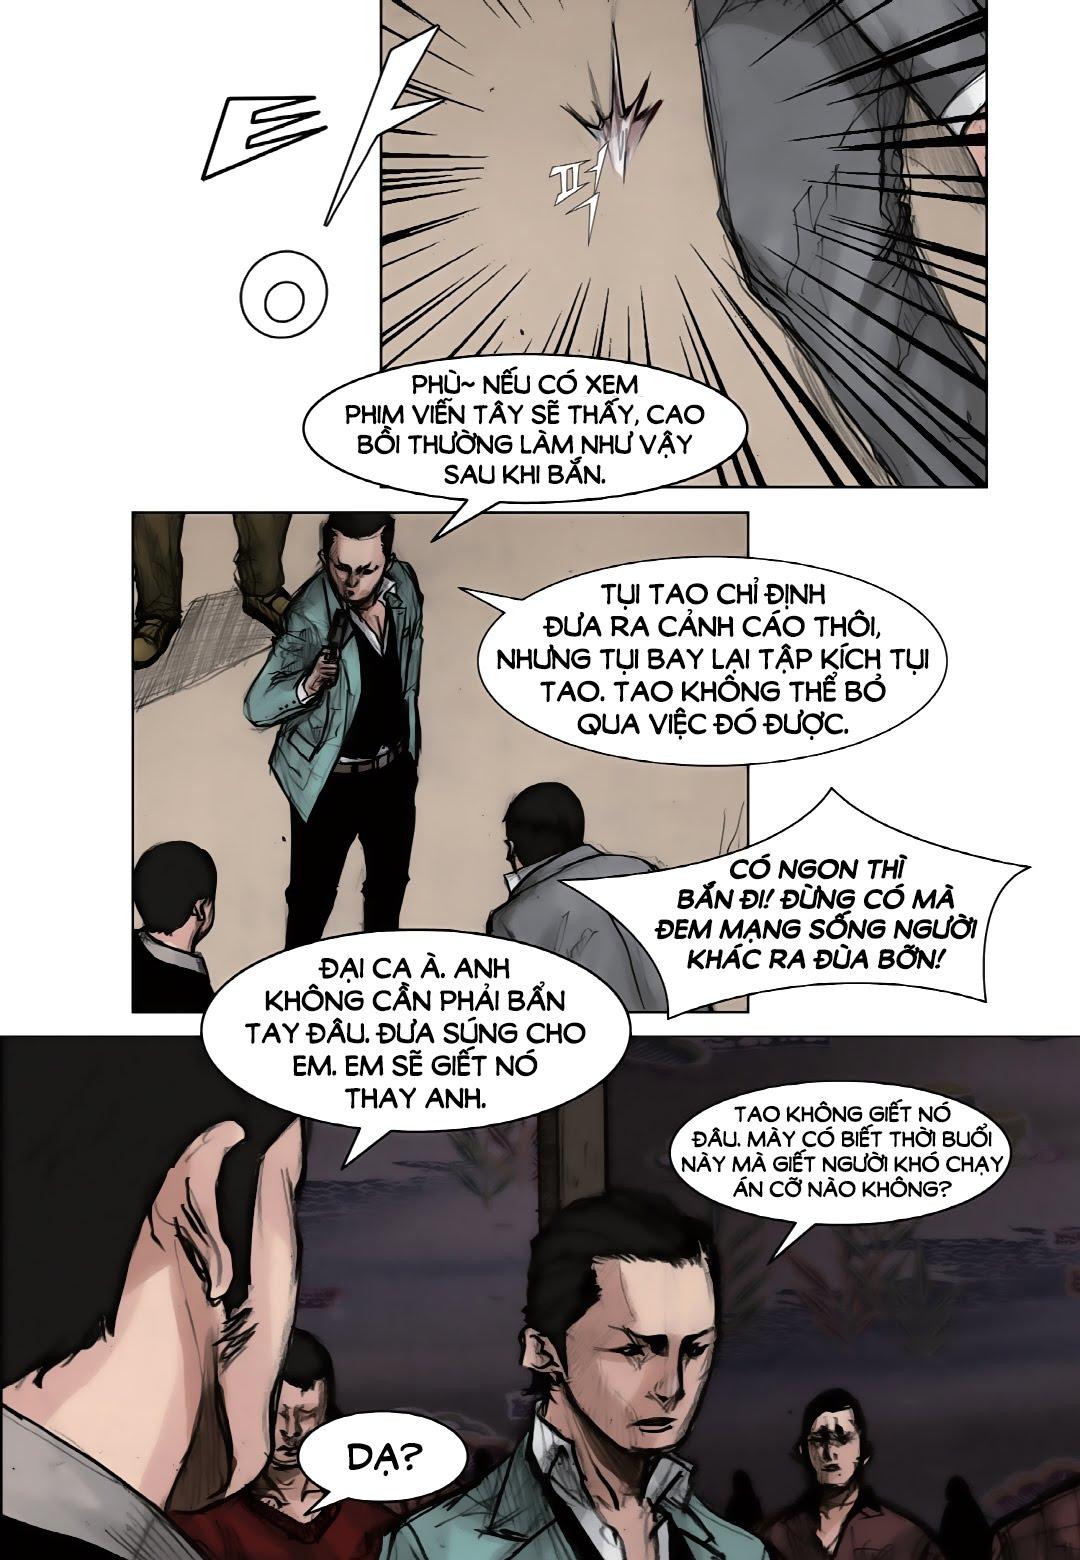 Tong phần 1-15 trang 40